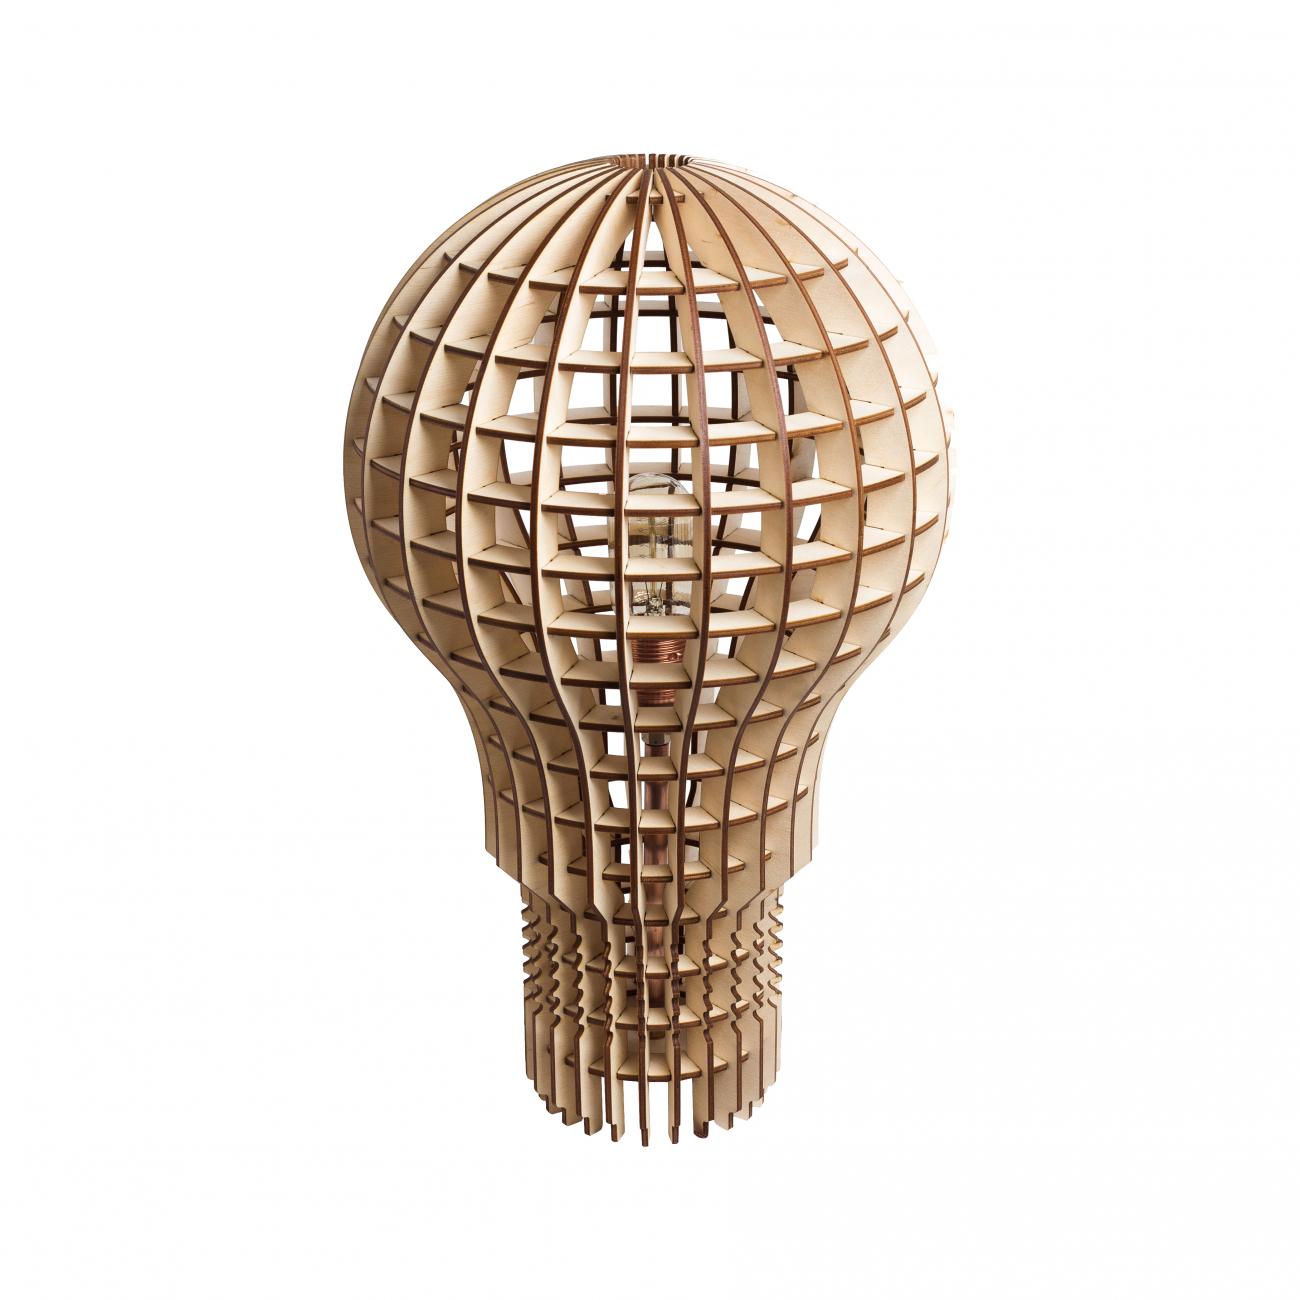 Купить Настольная лампа Лампочка Ильича Светлое дерево в интернет магазине дизайнерской мебели и аксессуаров для дома и дачи